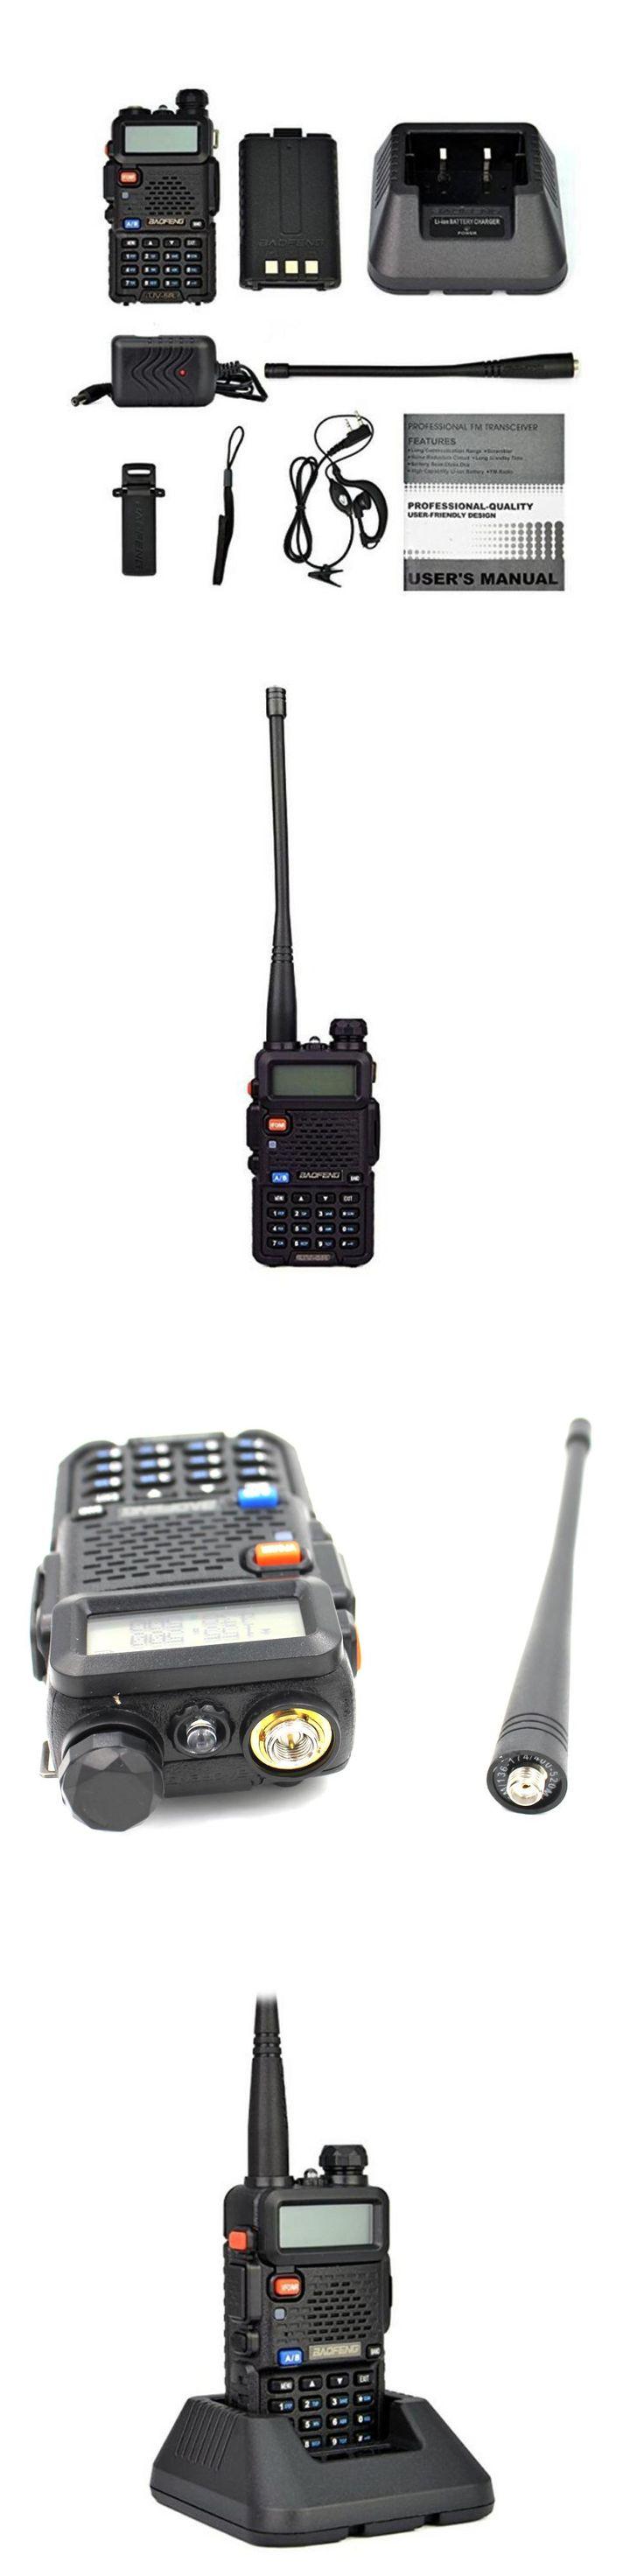 Ship from US/RU/CN! Baofeng UV-5R 136-174/400-520 MHz Walkie Talkie 5W UHF&VHF Dual Band Portable Ham Radio uv5r